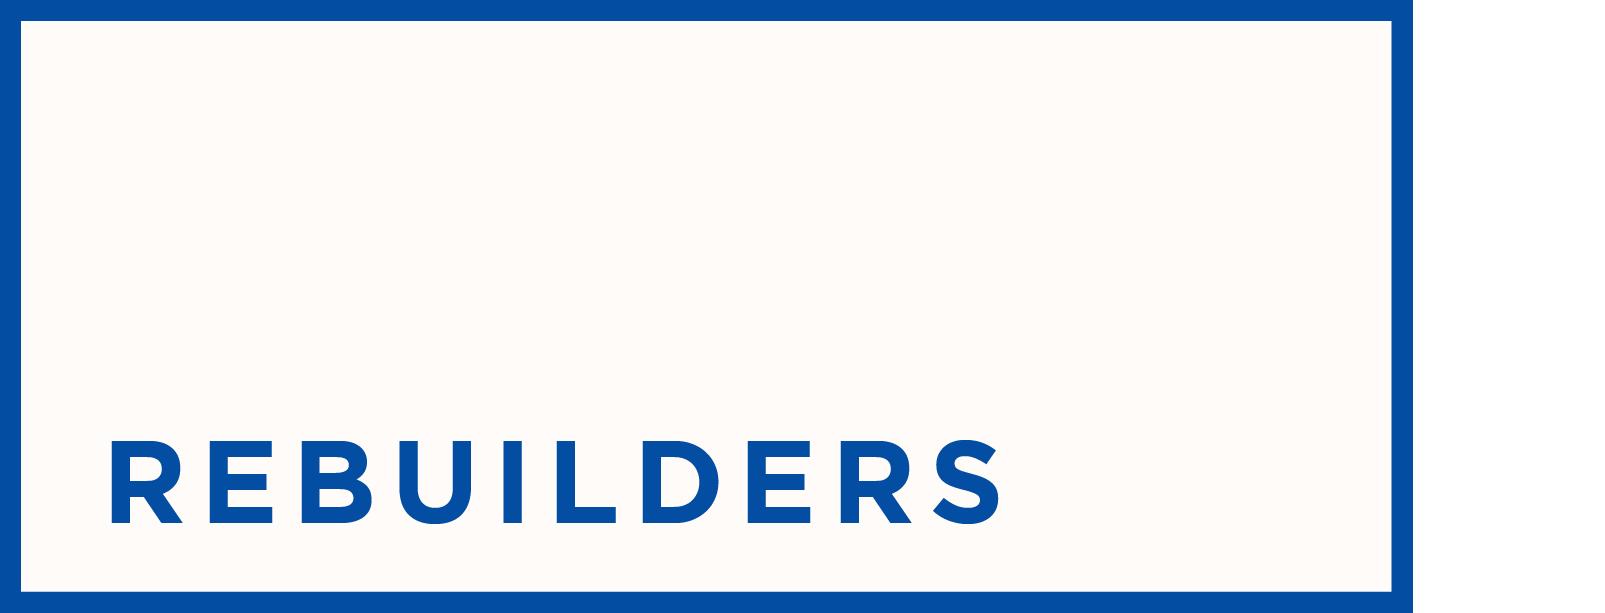 Rebuilders_main1.png